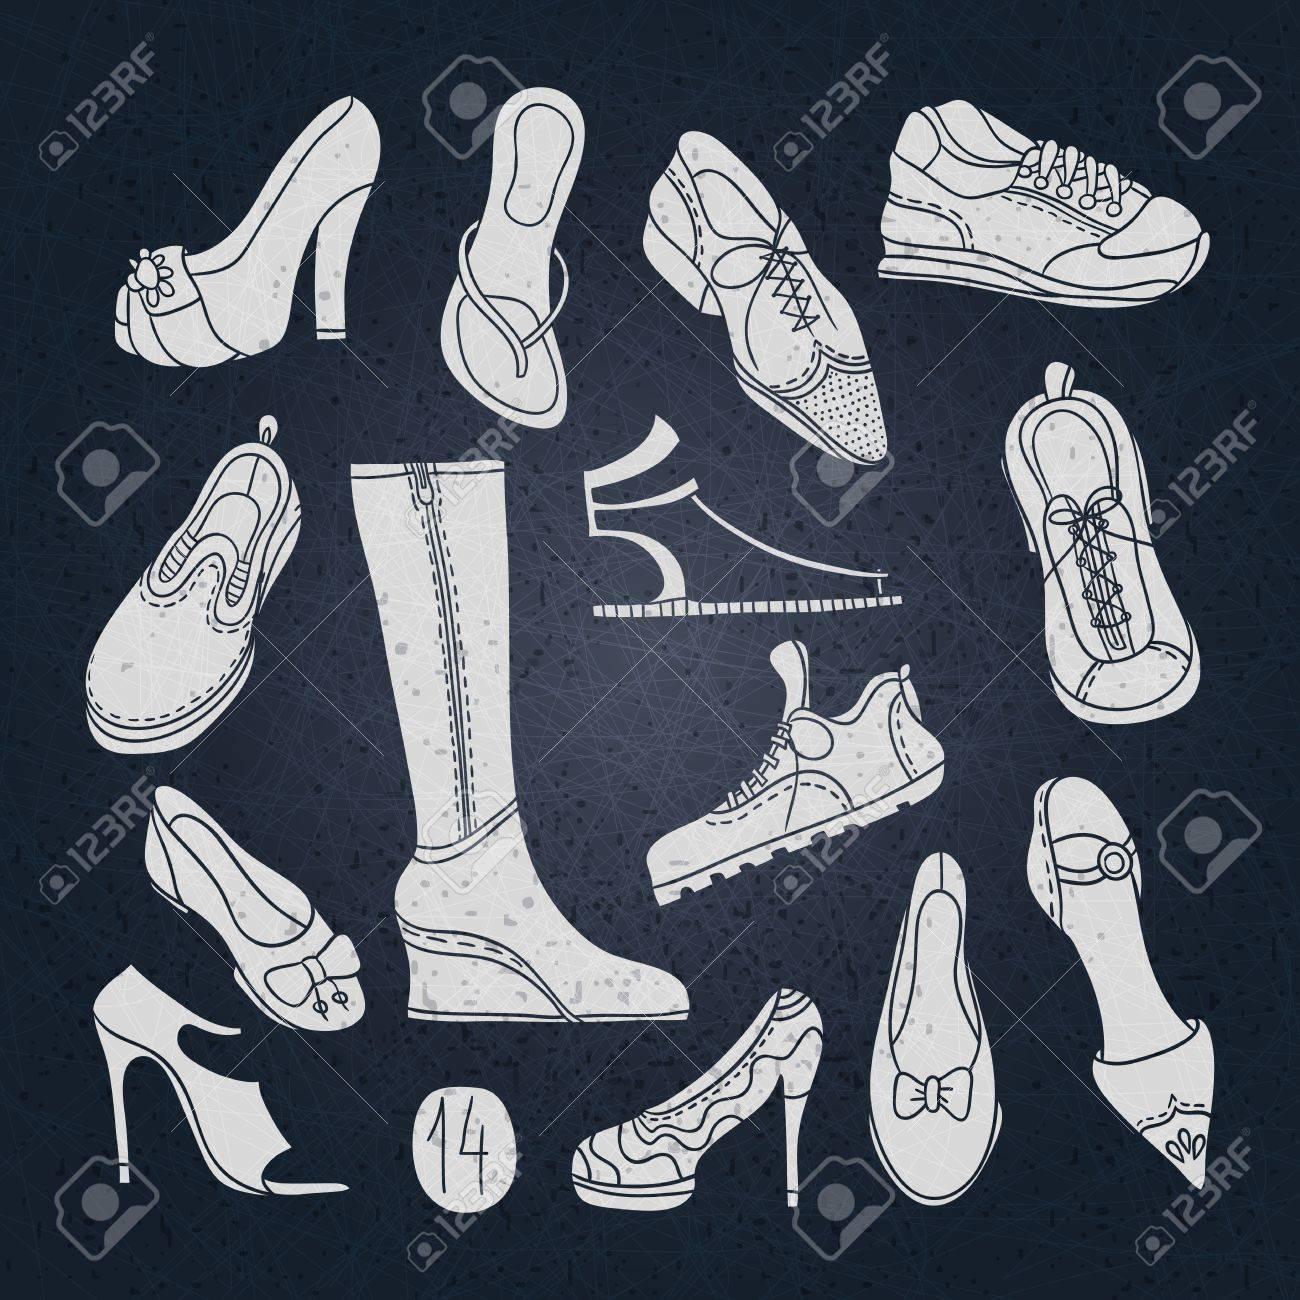 Chaussures pour hommes, Chaussures pour femmes : Dessins